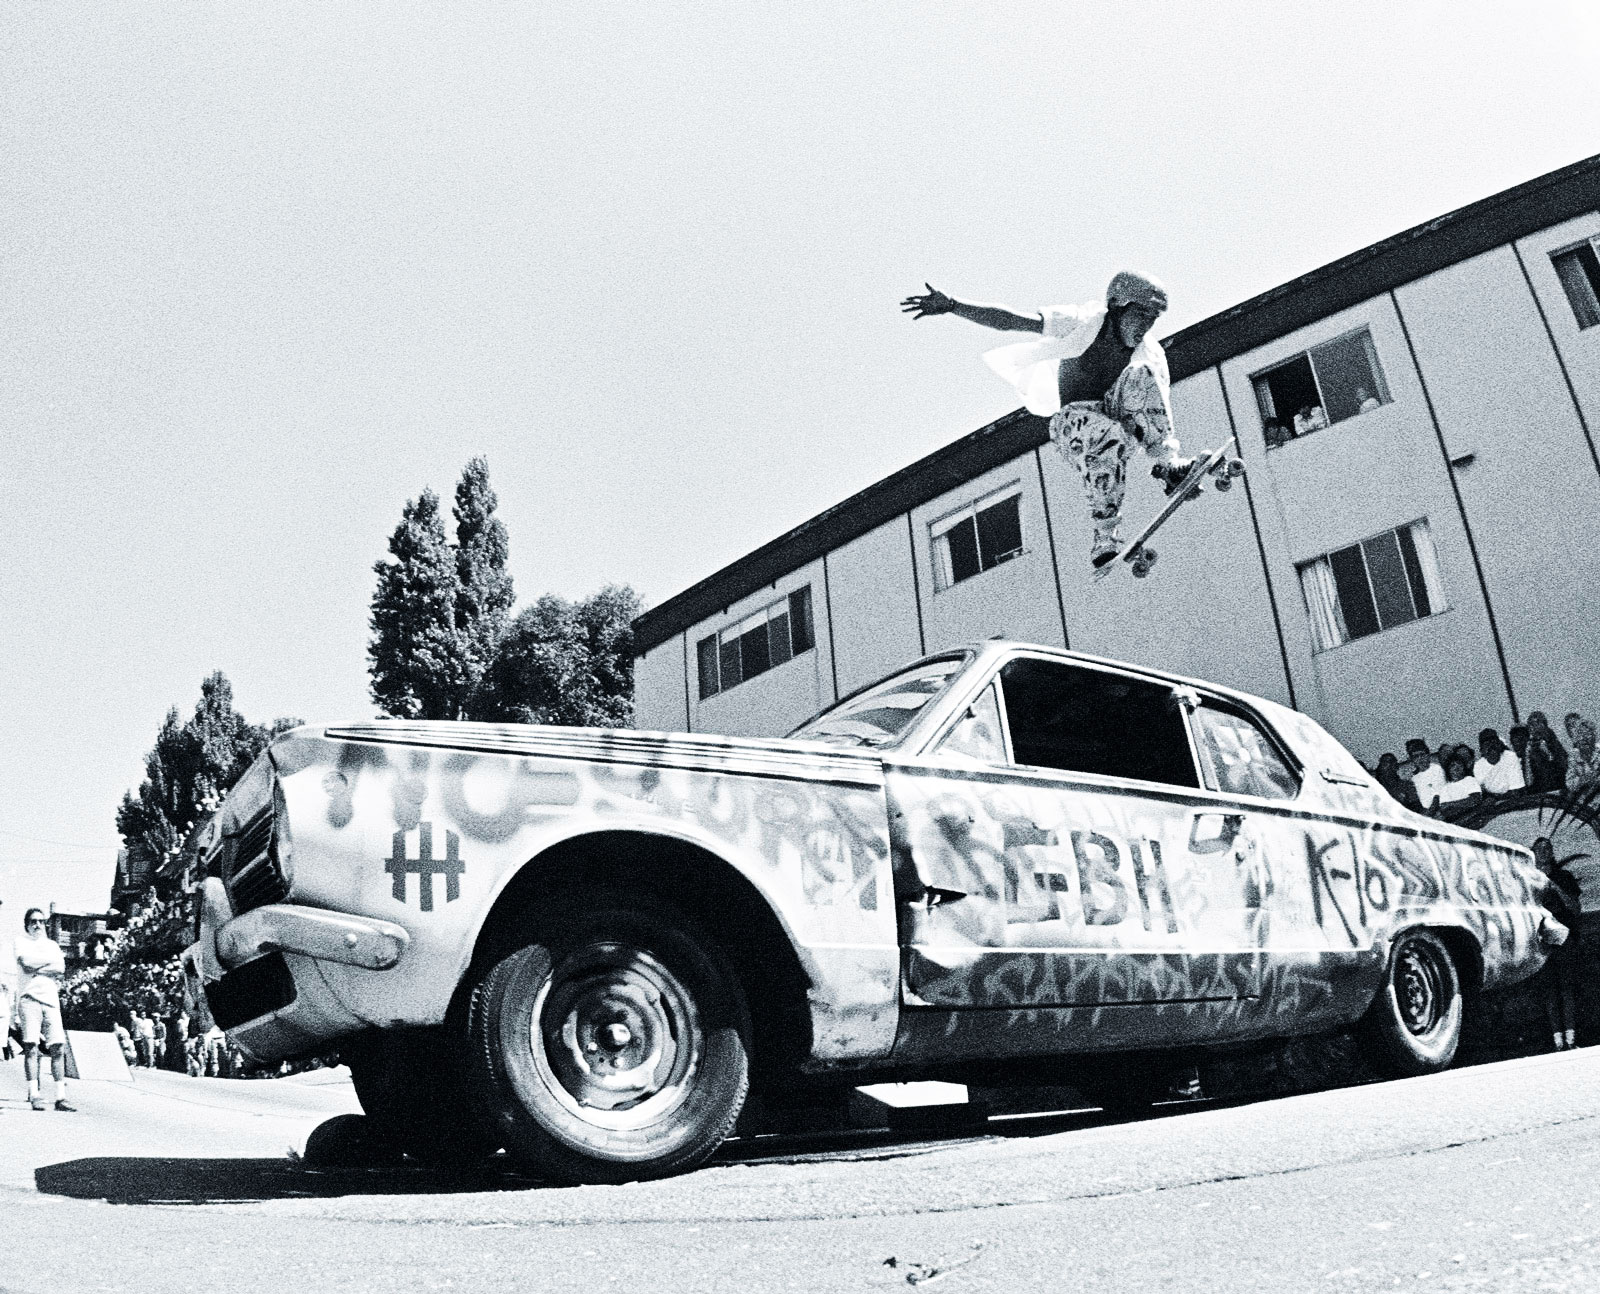 Christian Hosoi, Capitola California contest, 1985